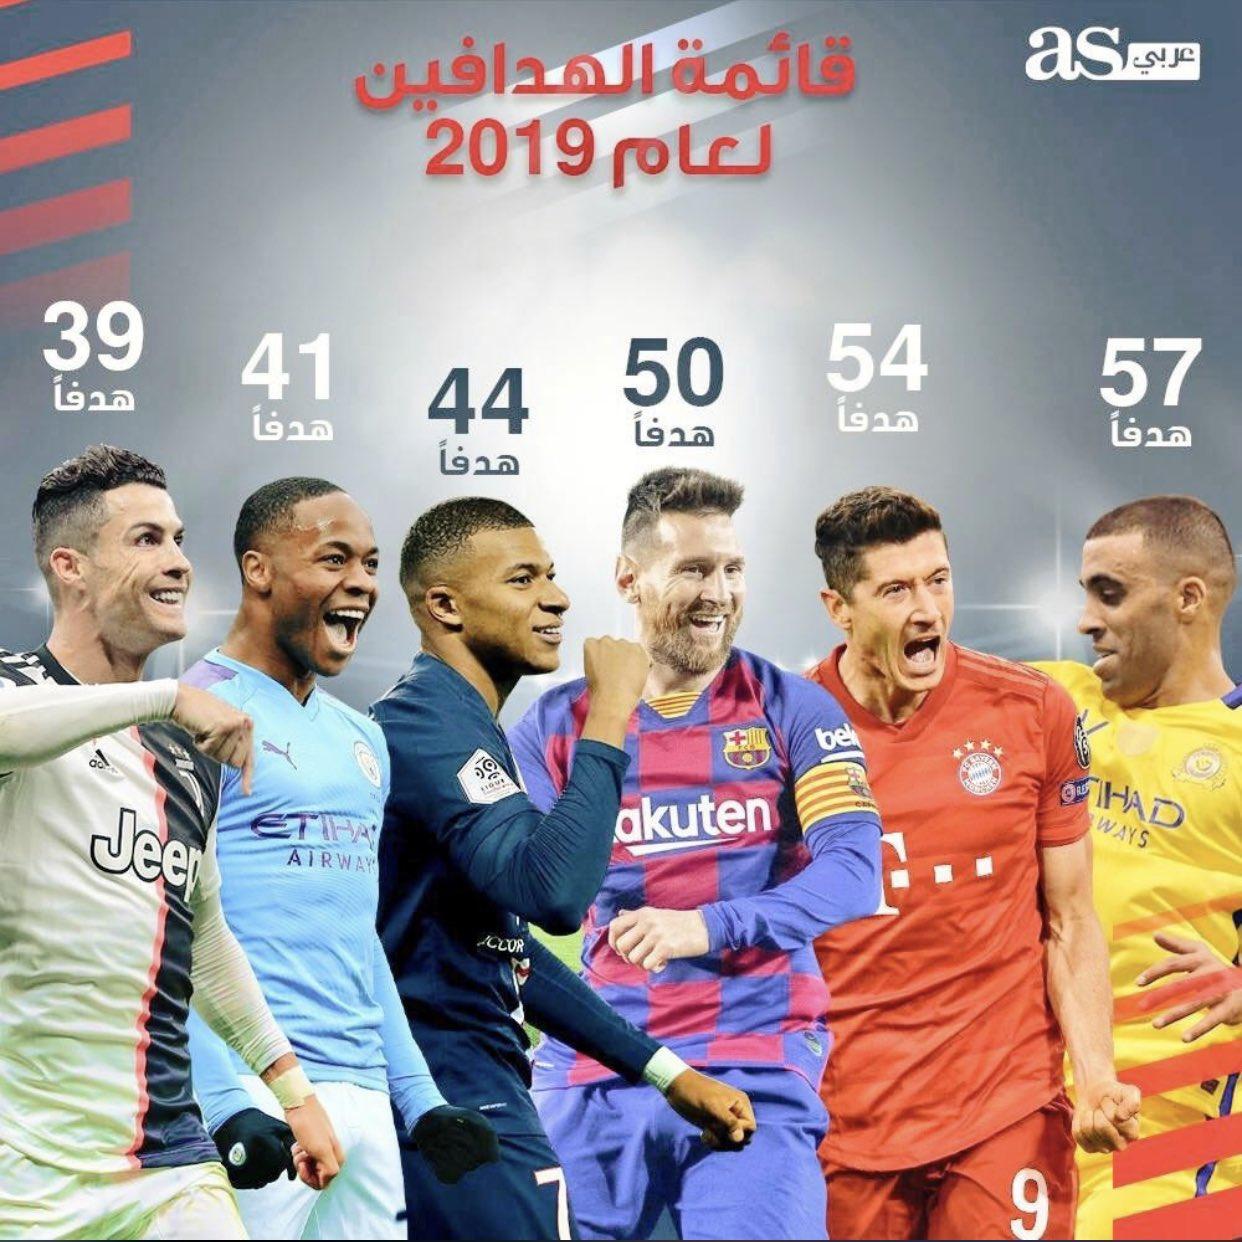 العالمي عبد الرزاق حمدالله هداف العالم وافضل لاعب عربي 2019